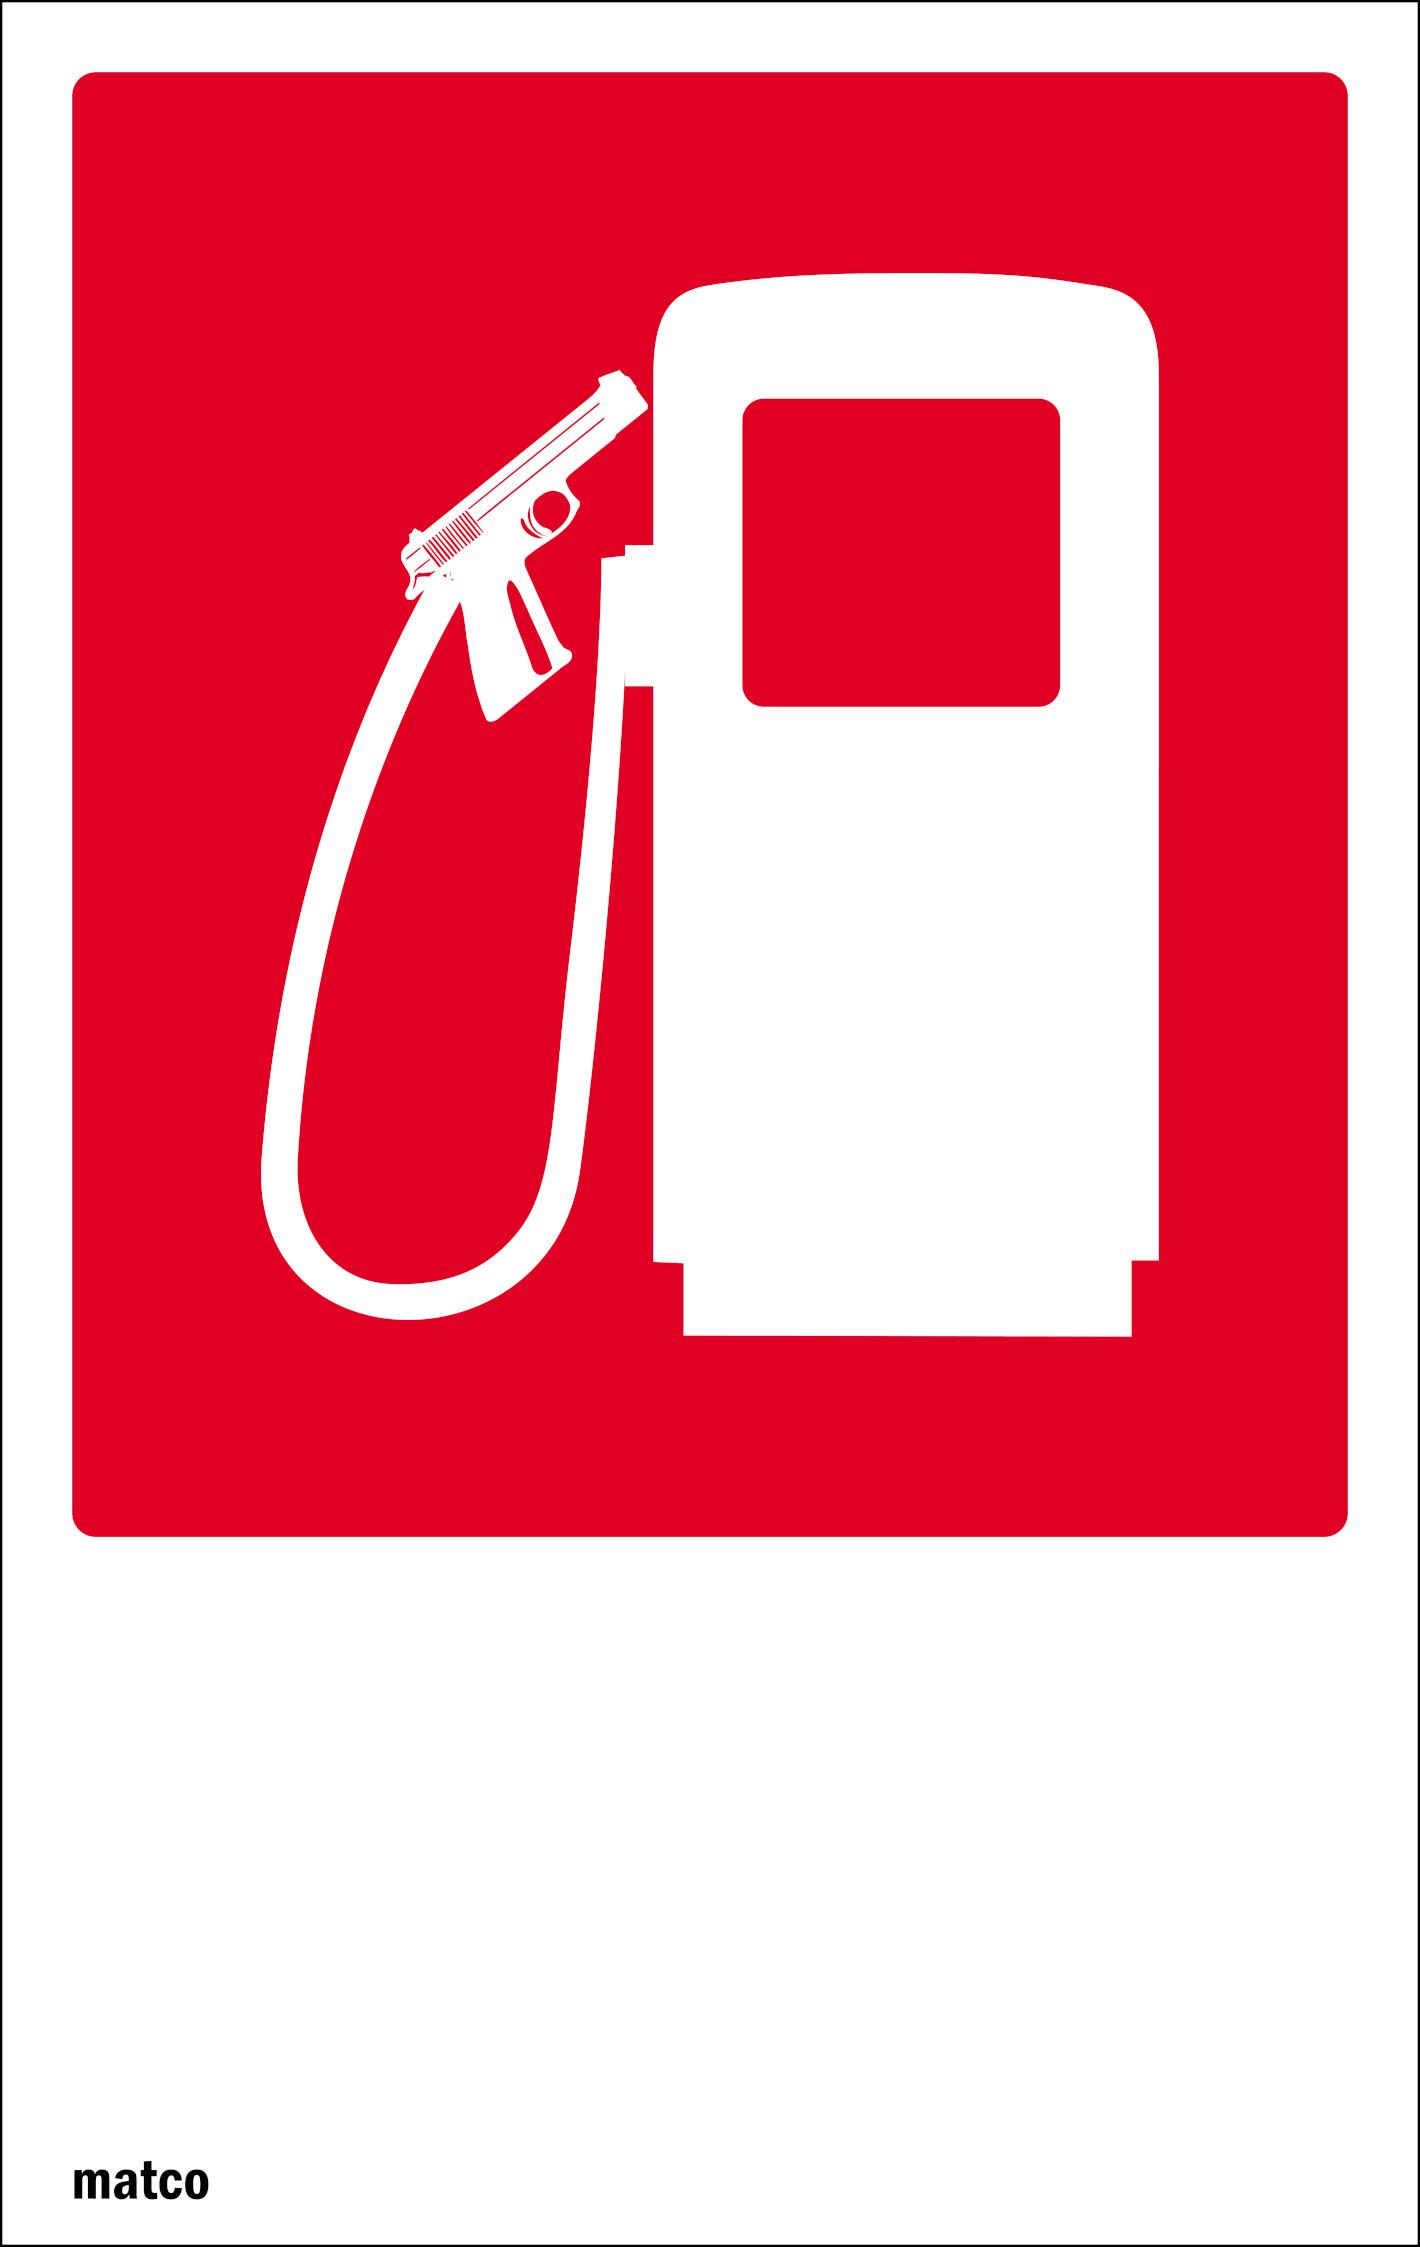 Pompa di benzina si spara